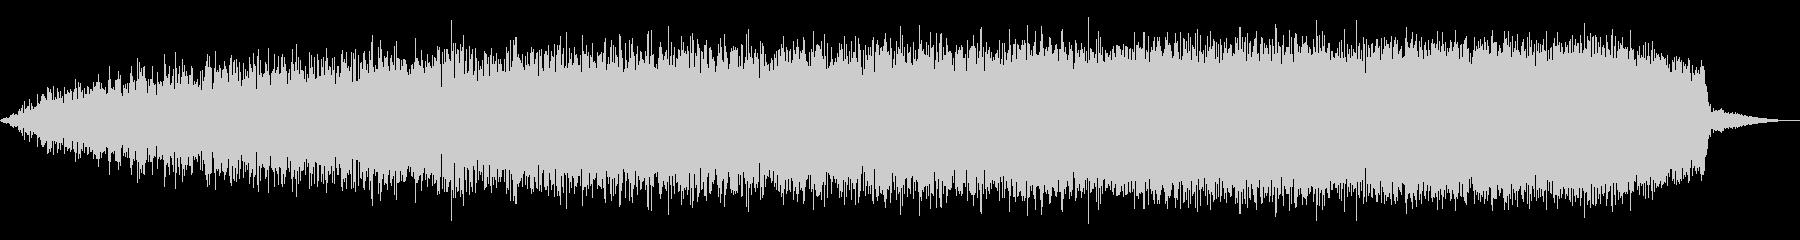 ライジングWINDY WHOOSHの未再生の波形